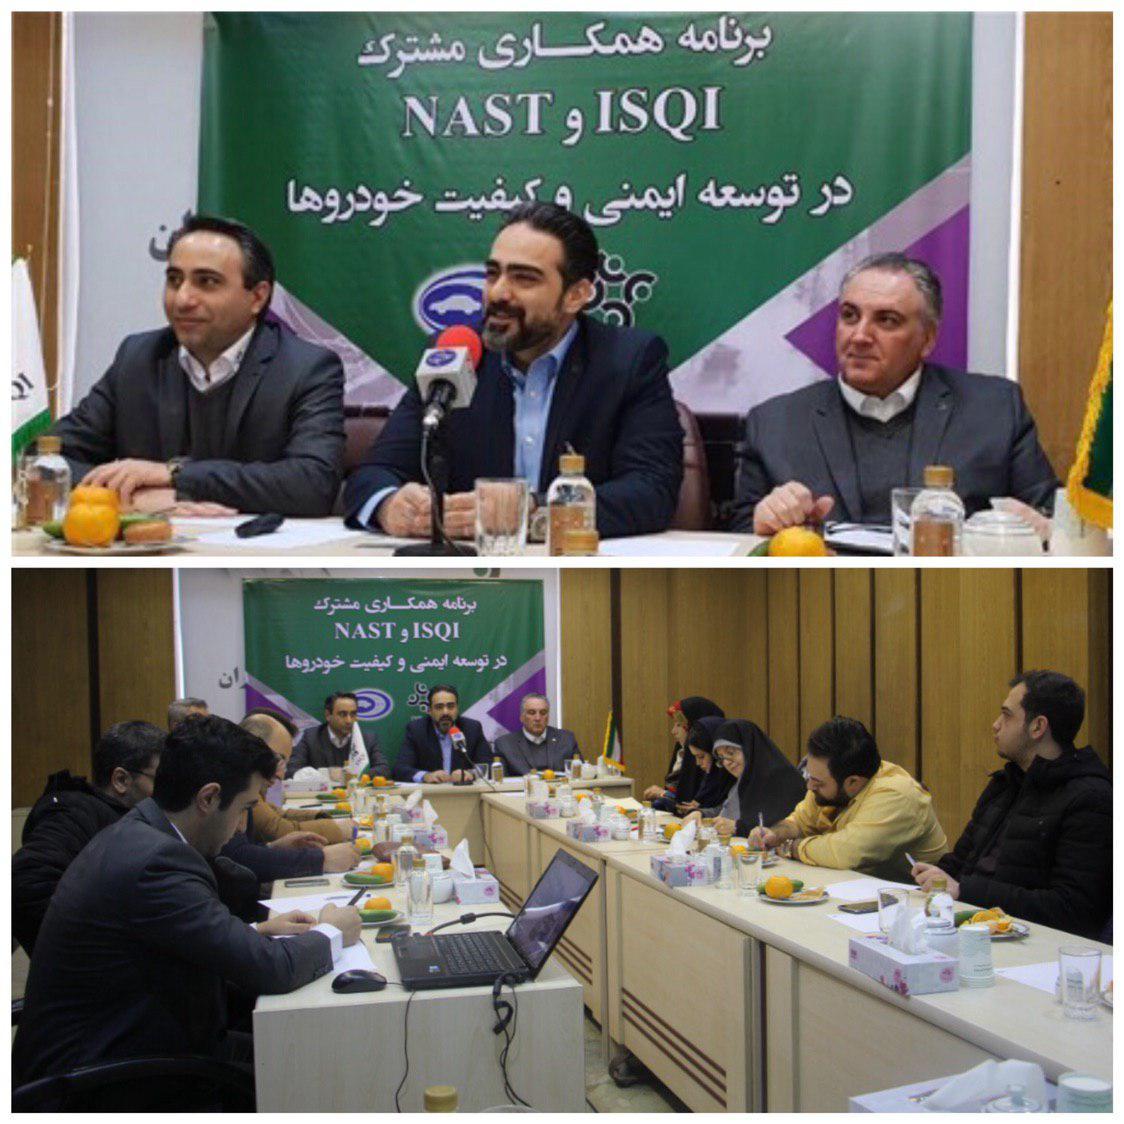 تست خودروهای ایرانی با همکاری  شرکت  NAST  چین / راه اندازی مرکز آزمون جاده ای کشور نیازمند هزار میلیارد تومان سرمایه گذاری است